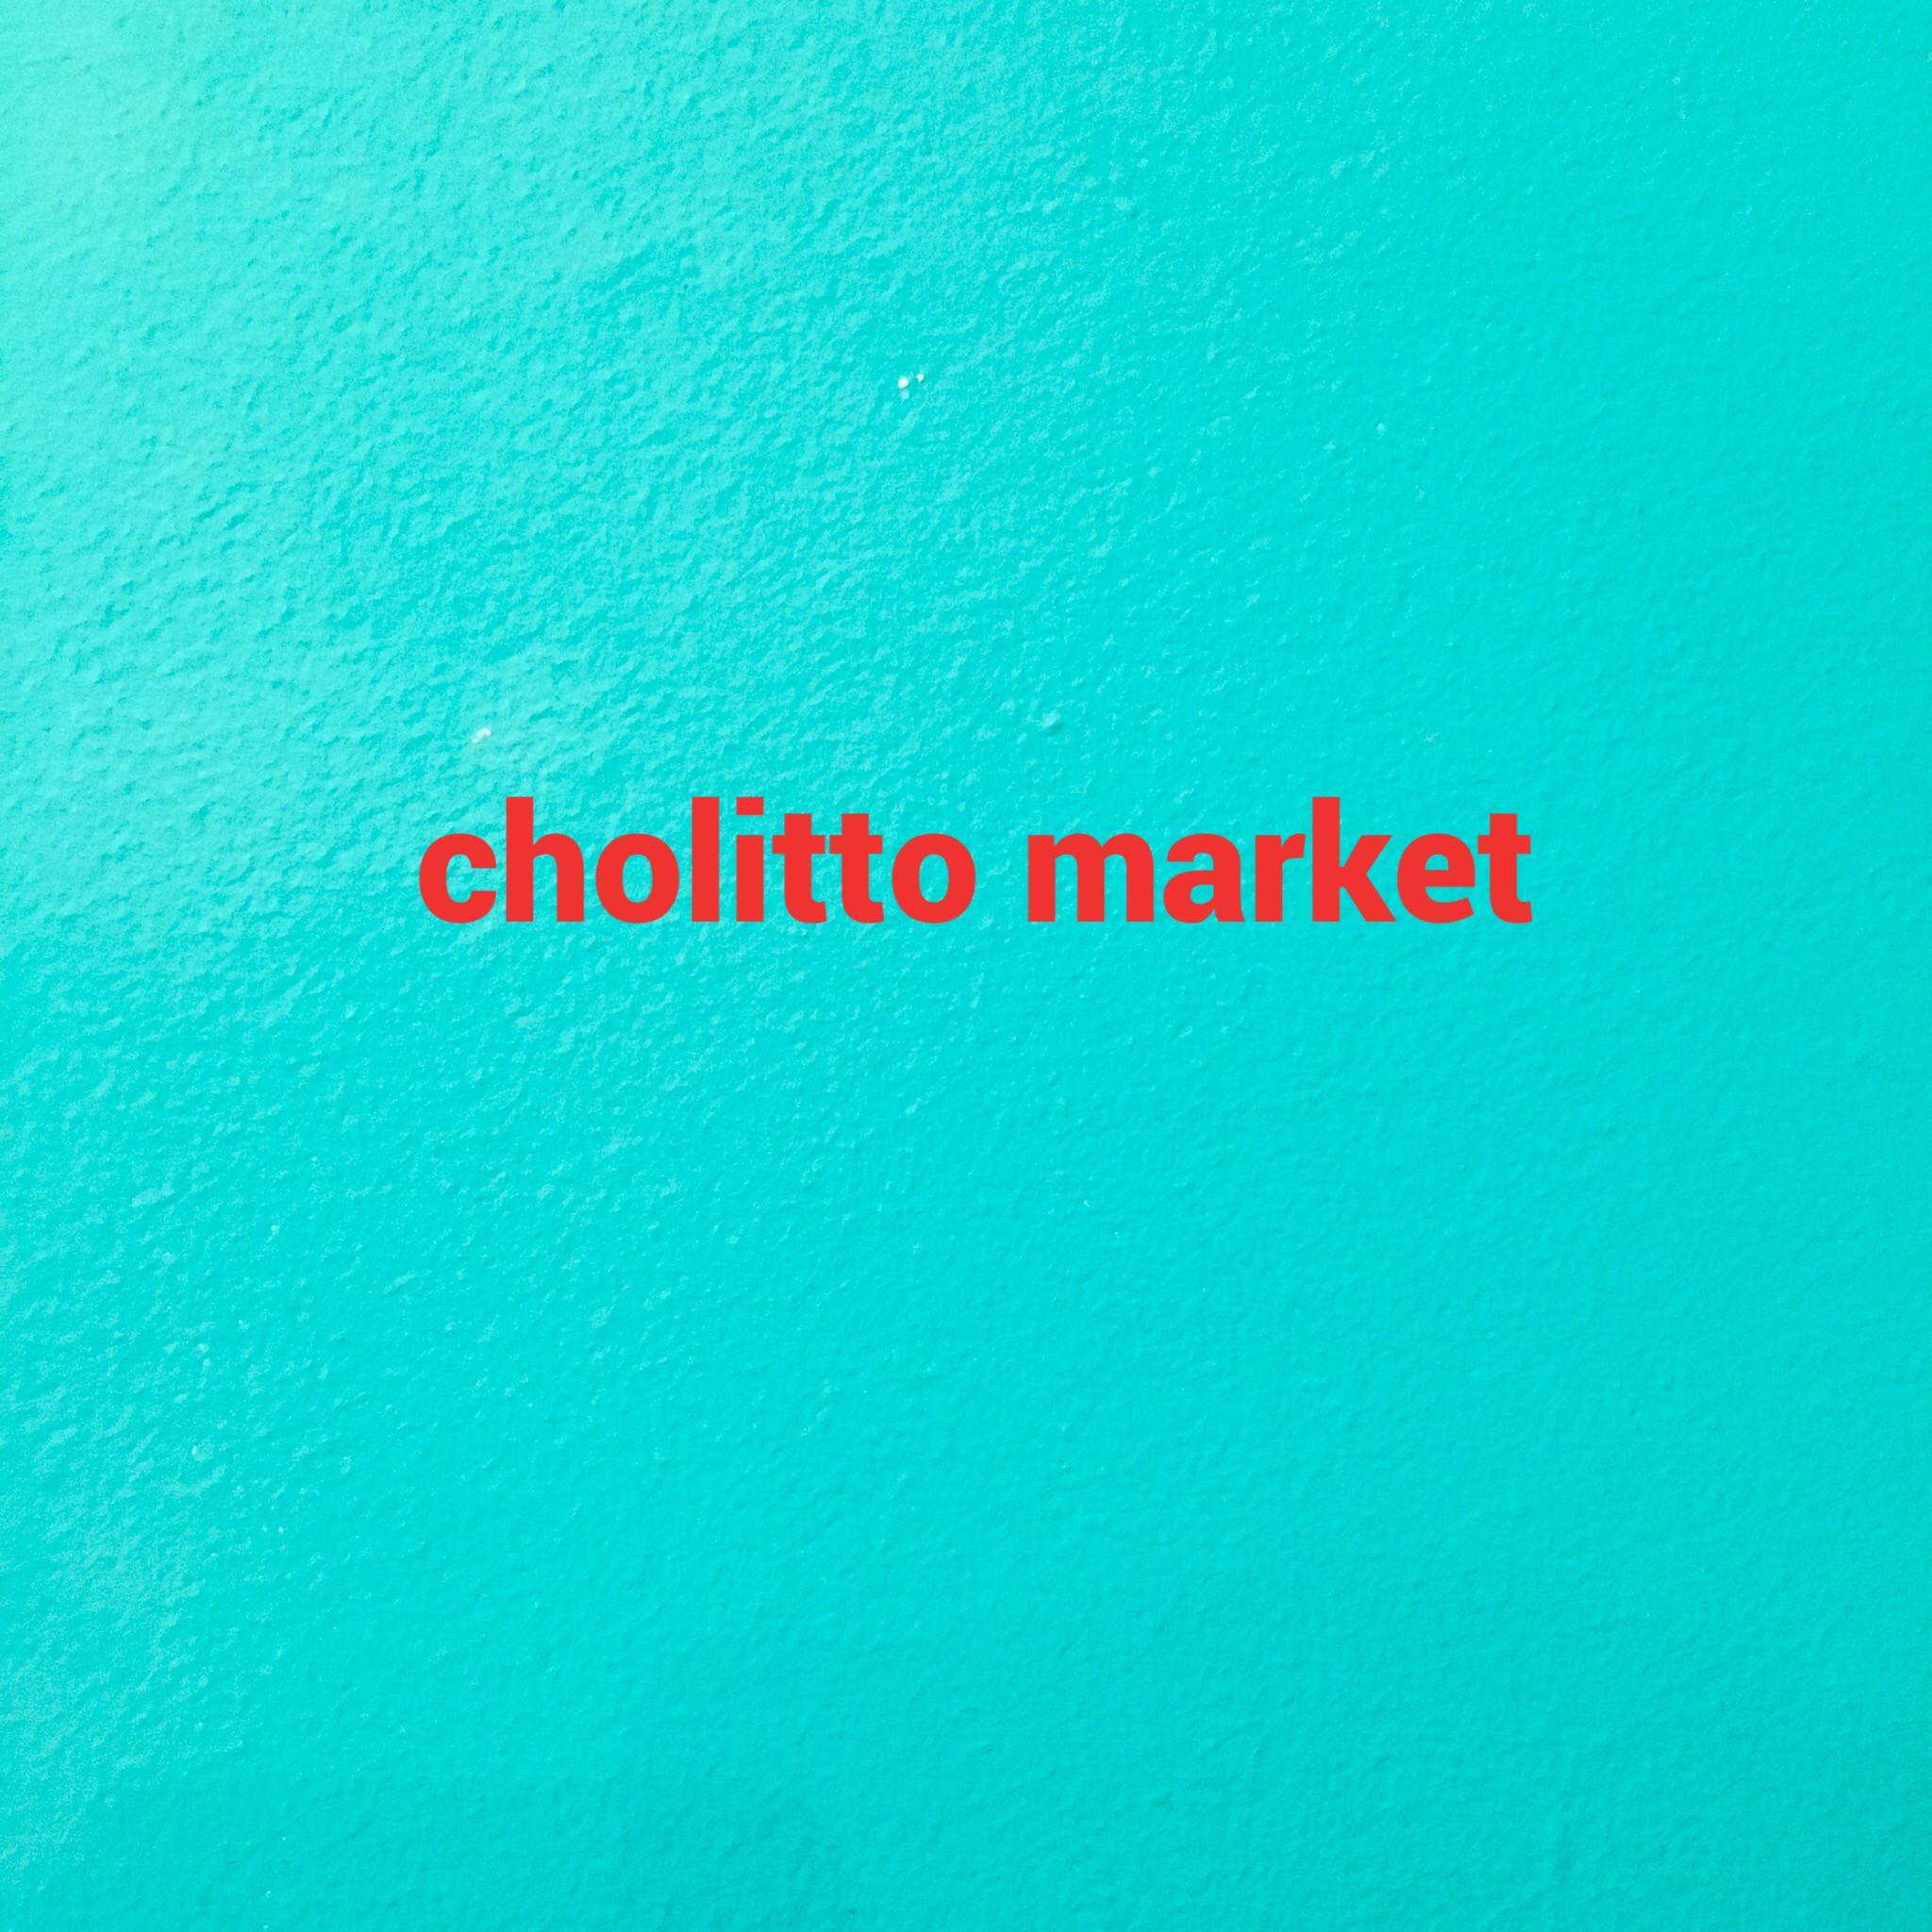 cholitto market